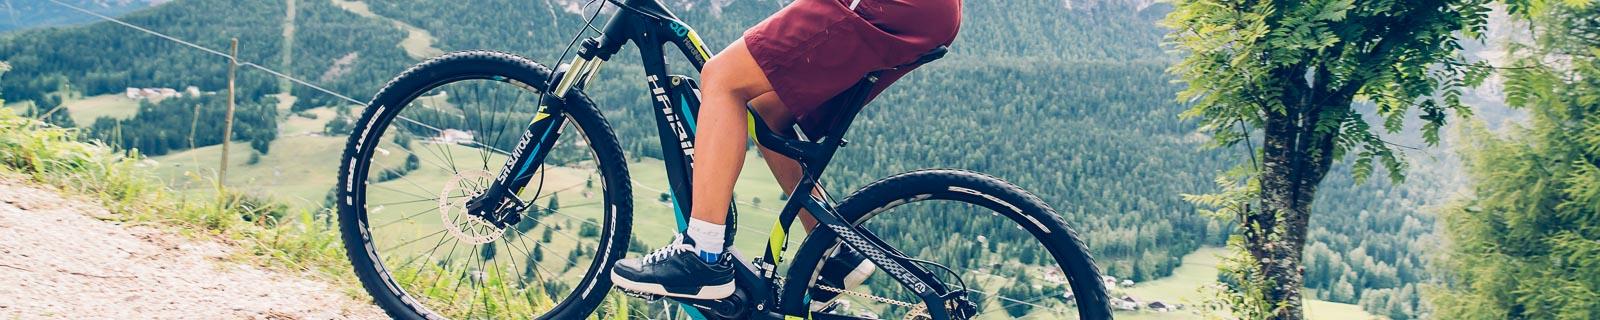 Biciclette-Elettriche